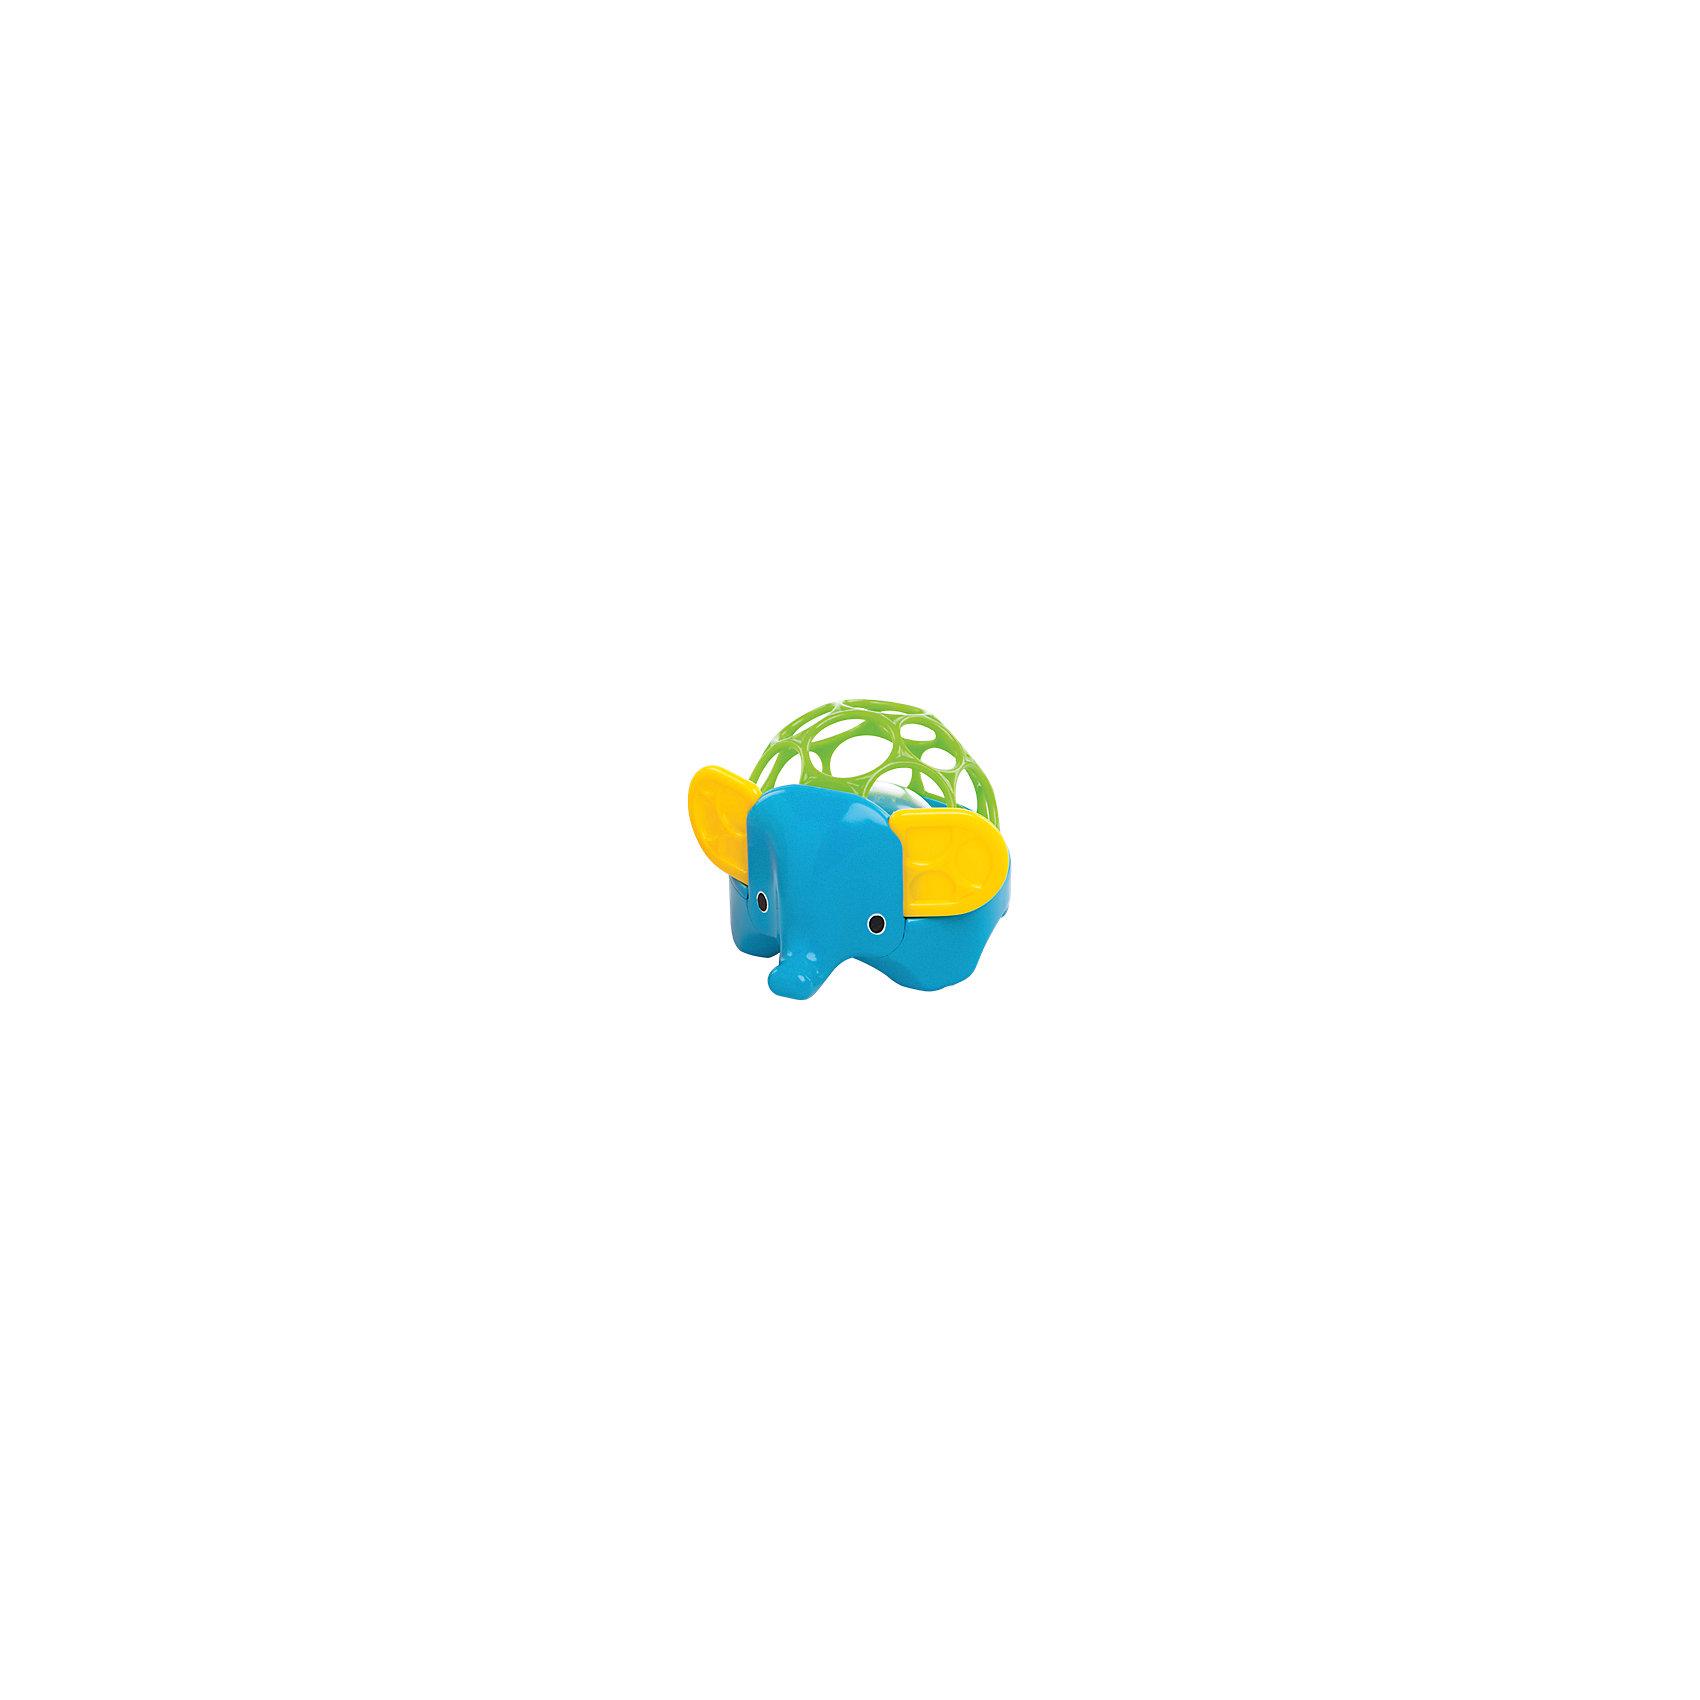 Погремушка Зоопарк. Слон, OballПогремушка «Зоопарк. Слон» от знаменитого американского бренда Oball (Обал). Яркая и веселая игрушка изготовлена из высококачественного пластика и сделает игру малыша еще интереснее! Специальные колечки сделаны для того, чтобы игрушку можно было держать маленькими пальчиками, а маленькие разноцветные шарики в центре начнуть звенеть, если потрясти игрушку. Игрушка поможет развить звуковое, цветовое и тактильное восприятие ребенка. <br>- Дополнительная информация:<br>- Материал: пластик<br>- Размер 14 * 12 * 9 см.<br><br>Погремушку «Зоопарк. Слон» Oball можно купить в нашем интернет-магазине.<br><br>Подробнее:<br>• Для детей в возрасте: от 0 месяцев до 1 года<br>• Номер товара: 4918373<br>Страна производитель: Китай<br><br>Ширина мм: 98<br>Глубина мм: 87<br>Высота мм: 122<br>Вес г: 183<br>Возраст от месяцев: 0<br>Возраст до месяцев: 36<br>Пол: Унисекс<br>Возраст: Детский<br>SKU: 4918373